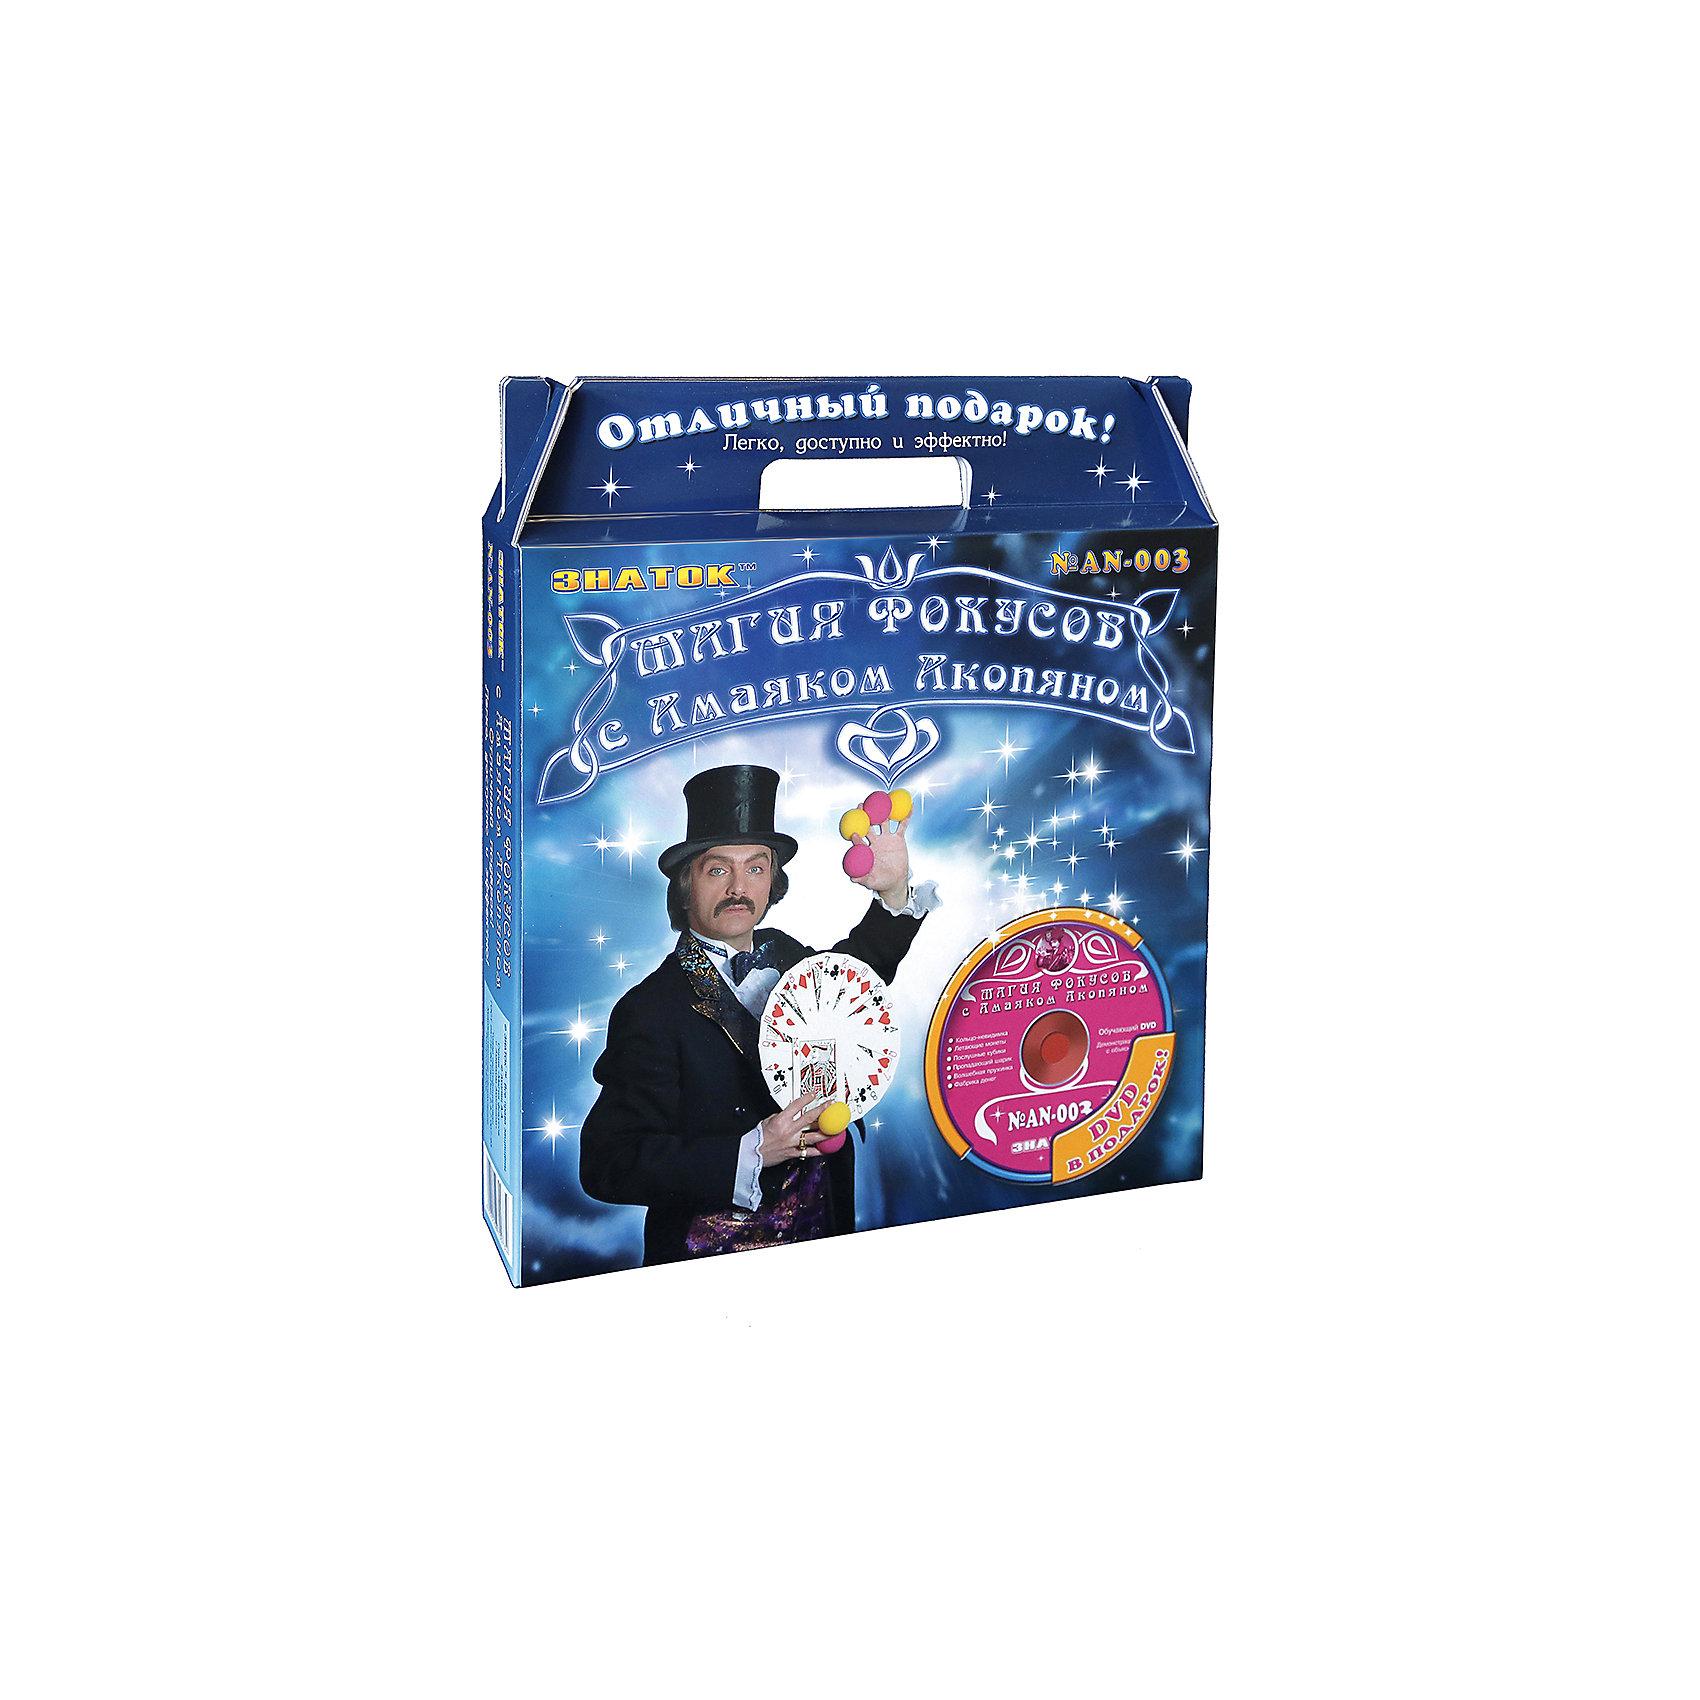 Синий набор Магия фокусов с Амаяком Акопяном с видеокурсомФокусы и розыгрыши<br>Синий набор Магия фокусов с Амаяком Акопяном с видеокурсом, Знаток<br><br>Характеристики:<br><br>• поможет ребенку стать настоящим фокусником<br>• содержит весь необходимый реквизит<br>• в комплекте: реквизит для 6 фокусов, DVD, инструкция<br>• 6 фокусов: Кольцо-невидимка, Летающие монетки, Послушные кубики, Пропадающий шарик, Волшебная пружинка, Фабрика денег<br>• размер упаковки: 33х5х38 см<br>• вес: 700 грамм<br>• видеокурс: 40-45 минут<br>• материал: пластик, бумага<br><br>Набор Магия фокусов с Амаяком Акопяном позволит ребенку почувствовать себя настоящим иллюзионистом. В набор входит подробная инструкция, DVD диск и весь необходимый реквизит. Ребенок научится превращать бумагу в деньги, делать предметы невидимыми, заставит шарик появляться и внезапно исчезать и многое другое. Эта игра поможет ребенку раскрыть талант артиста и погрузиться в атмосферу тайн магии.<br><br>Синий набор Магия фокусов с Амаяком Акопяном с видеокурсом , Знаток вы можете купить в нашем интернет-магазине.<br><br>Ширина мм: 31<br>Глубина мм: 5<br>Высота мм: 33<br>Вес г: 700<br>Возраст от месяцев: 60<br>Возраст до месяцев: 1188<br>Пол: Унисекс<br>Возраст: Детский<br>SKU: 2403138